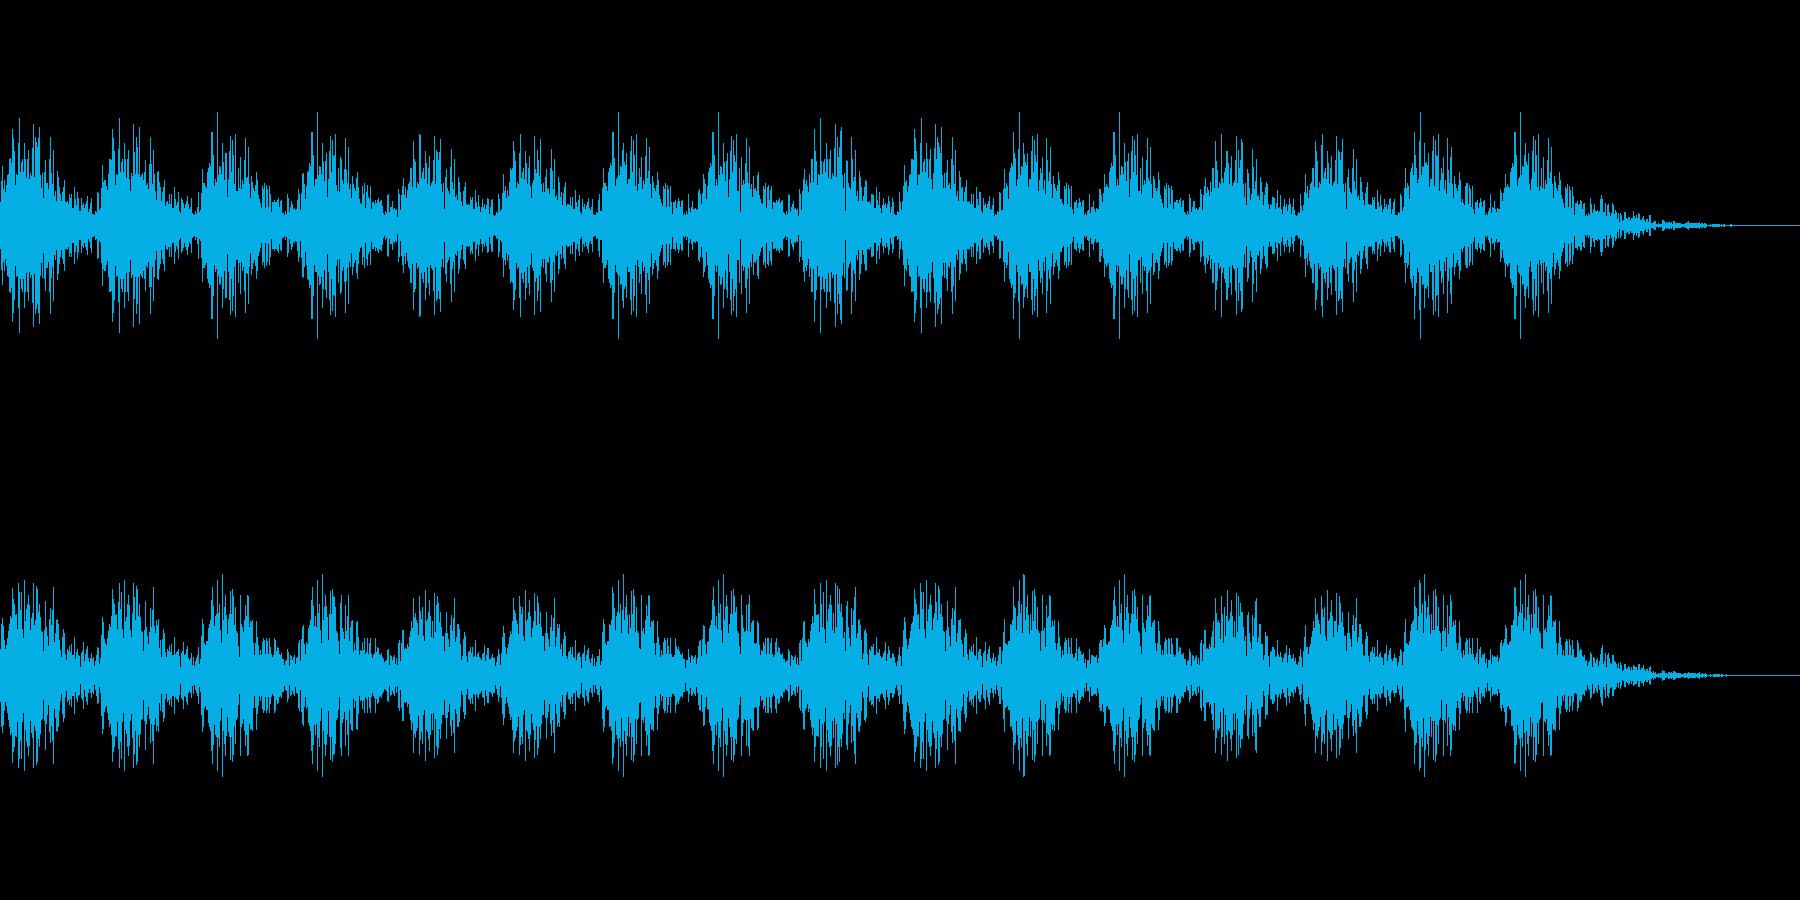 どんどん(巨人、速歩き)A01の再生済みの波形